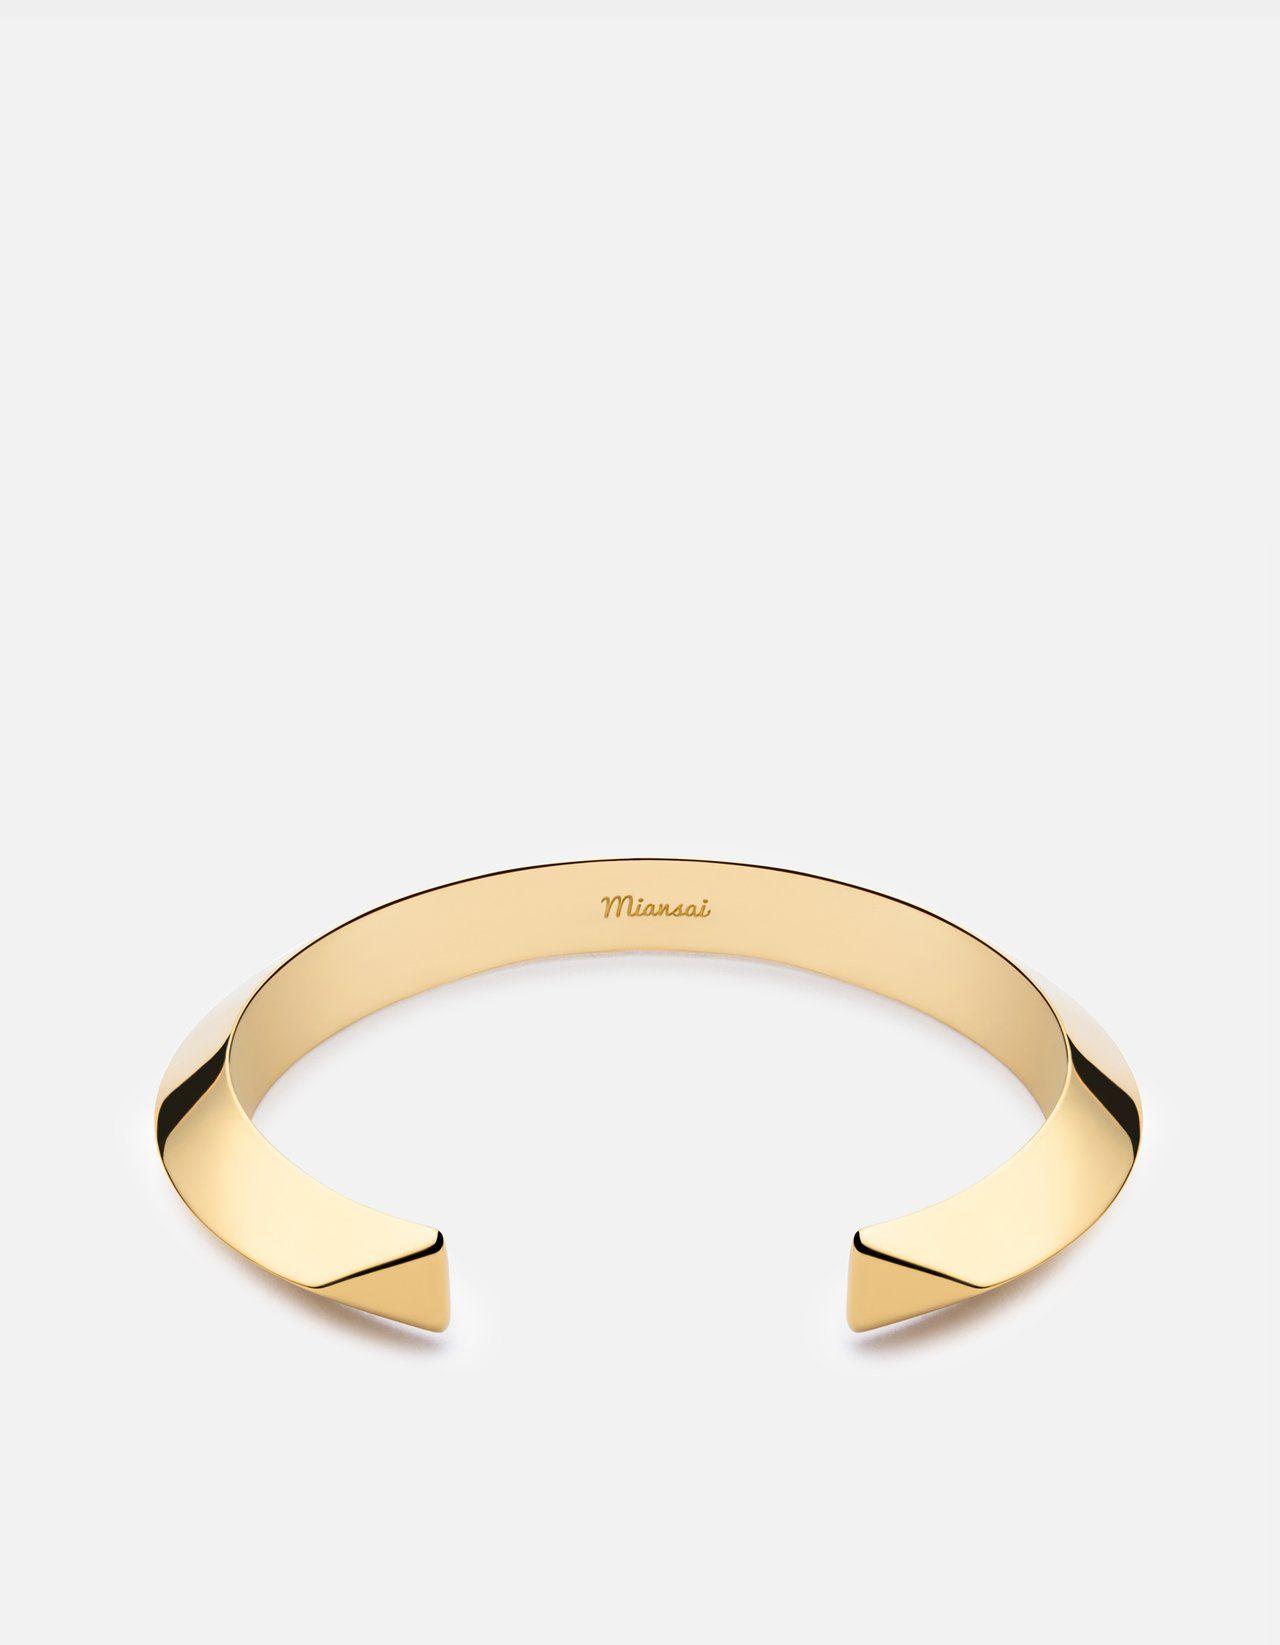 Bell cuff bracelet gold plated womenus cuffs miansai jewels